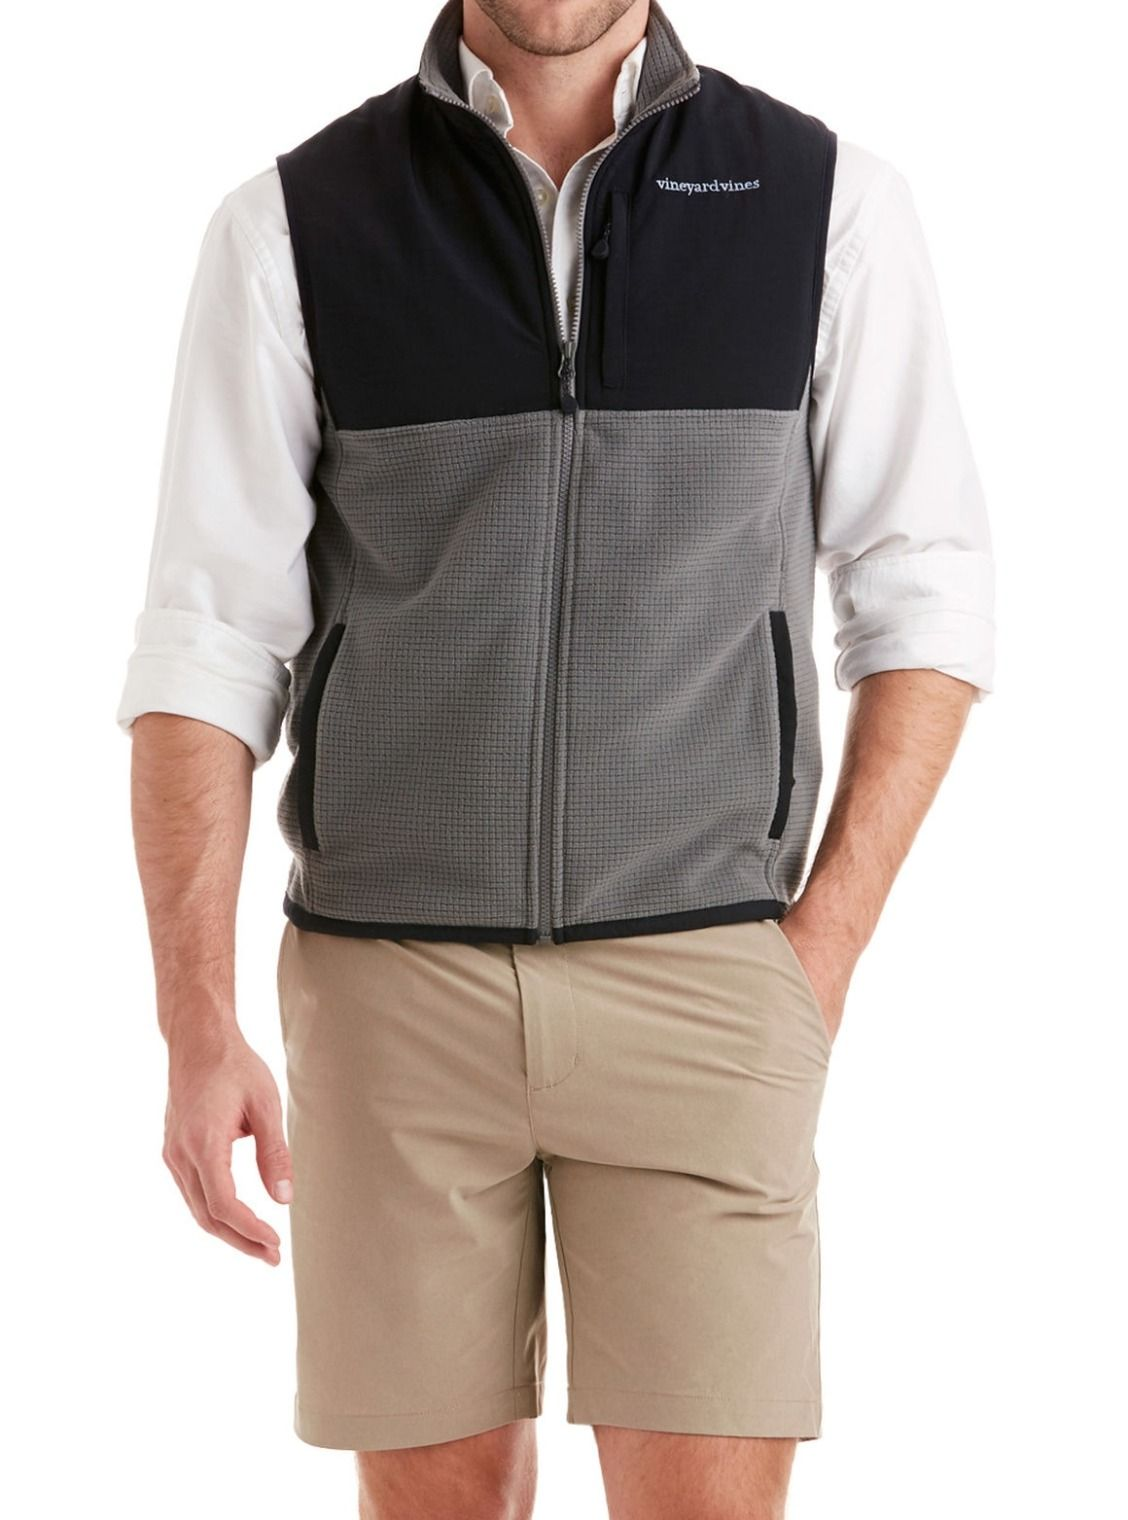 Windcrest vest clothes pinterest